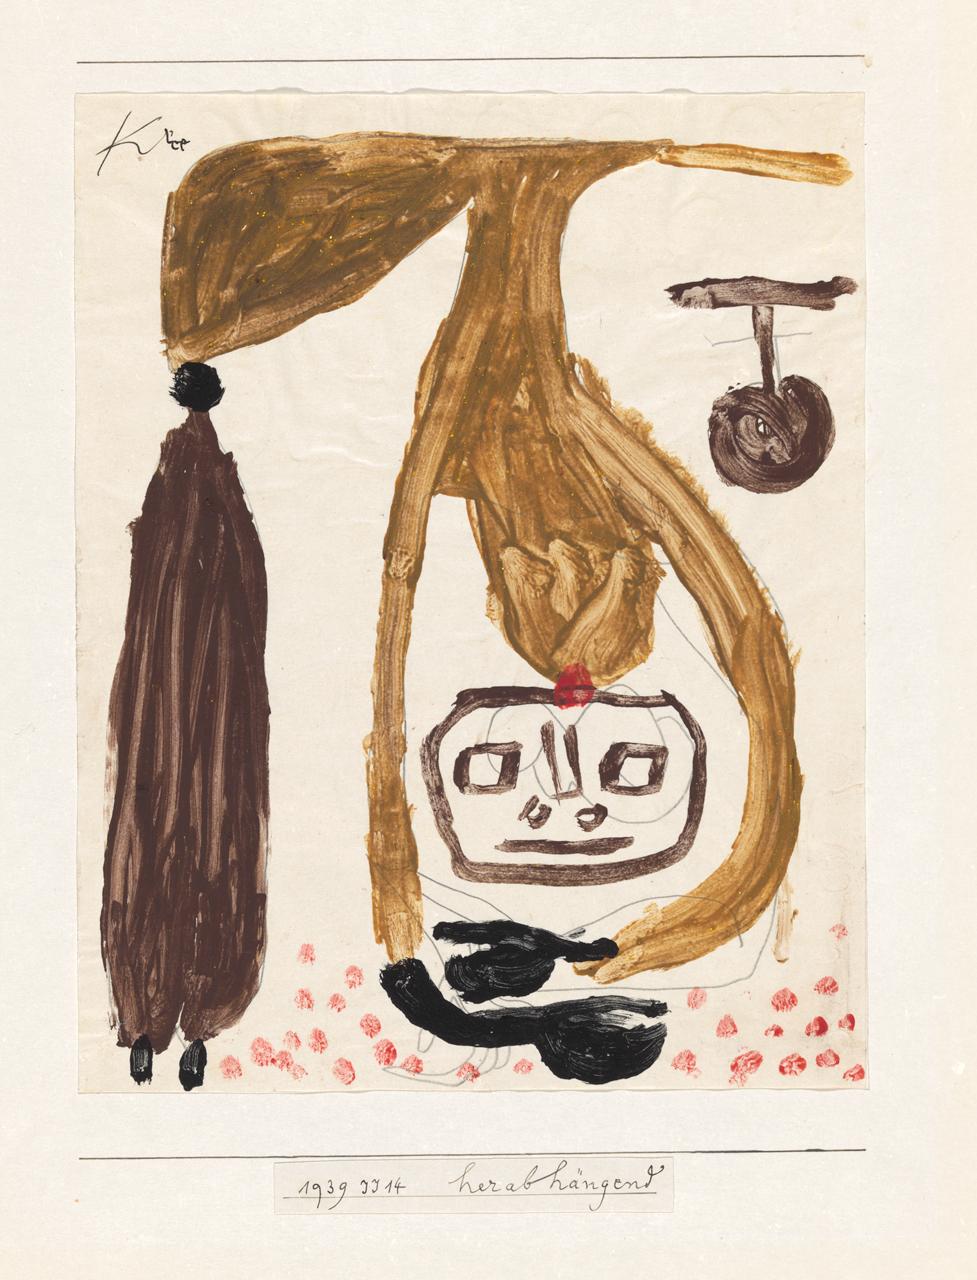 Paul Klee, herabhängend, 1939, 674 - Hanging Down/Pendurado para baixo - coloured paste and pencil on paper/cola colorida e lápis sobre papel, 27 x 21,4 cm - Zentrum Paul Klee, Berna, doação de Livia Klee